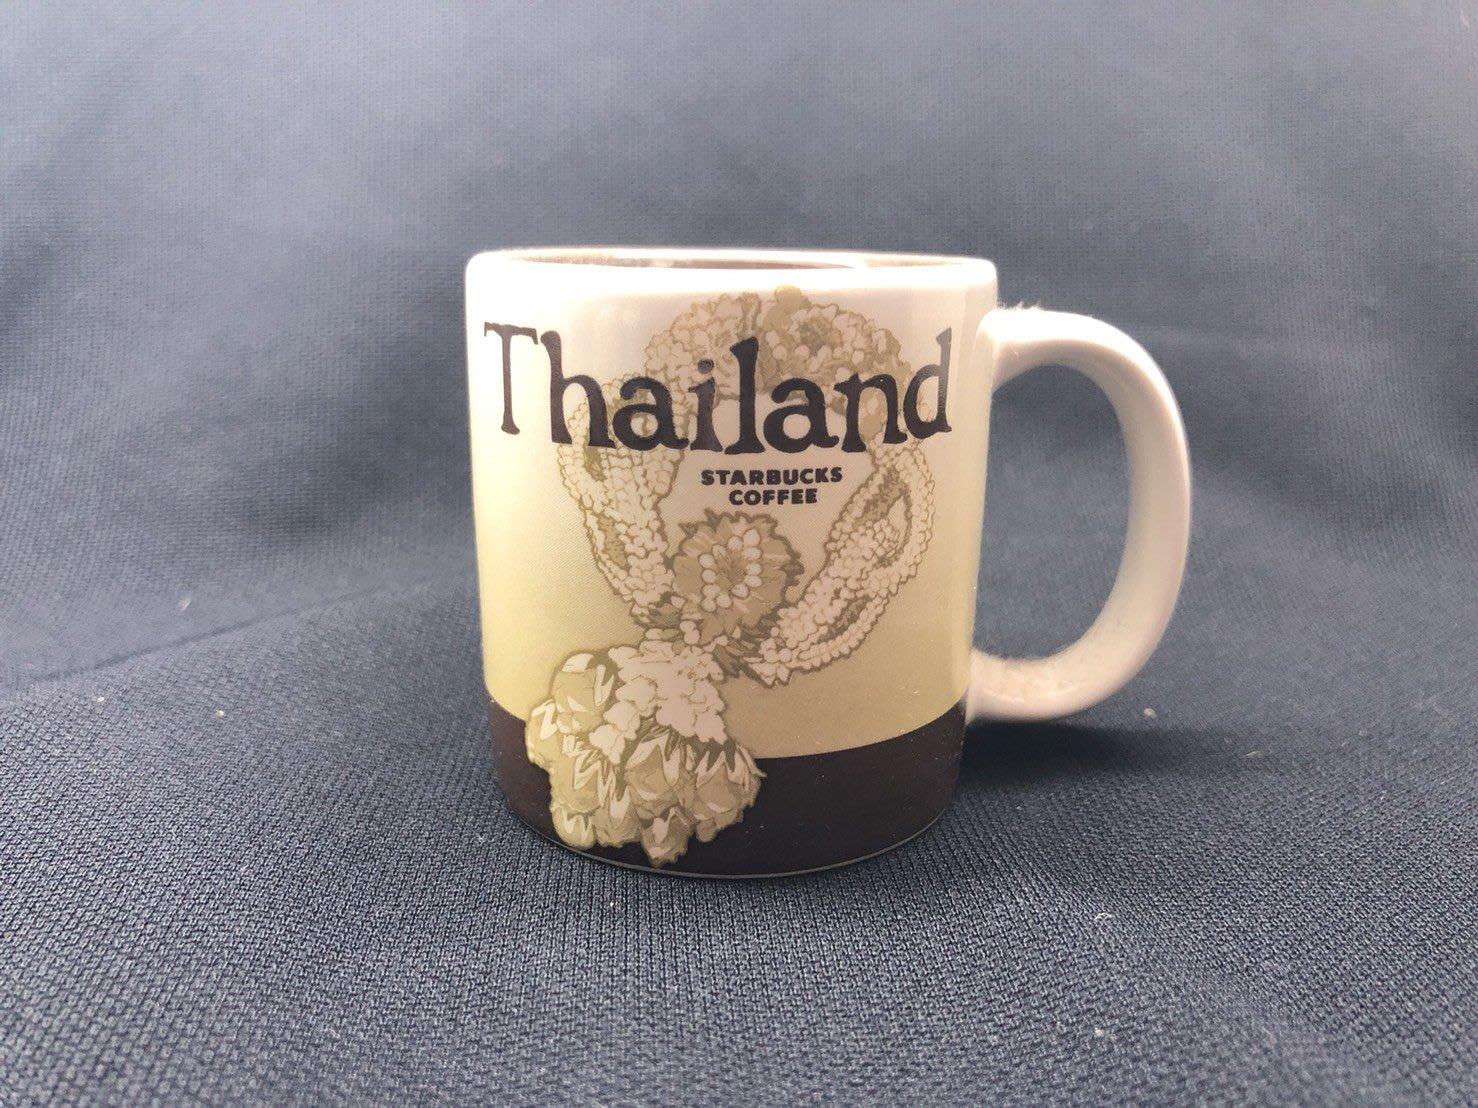 [現貨正品] 星巴克城市杯Starbucks city mug 小杯   泰國 Thailand